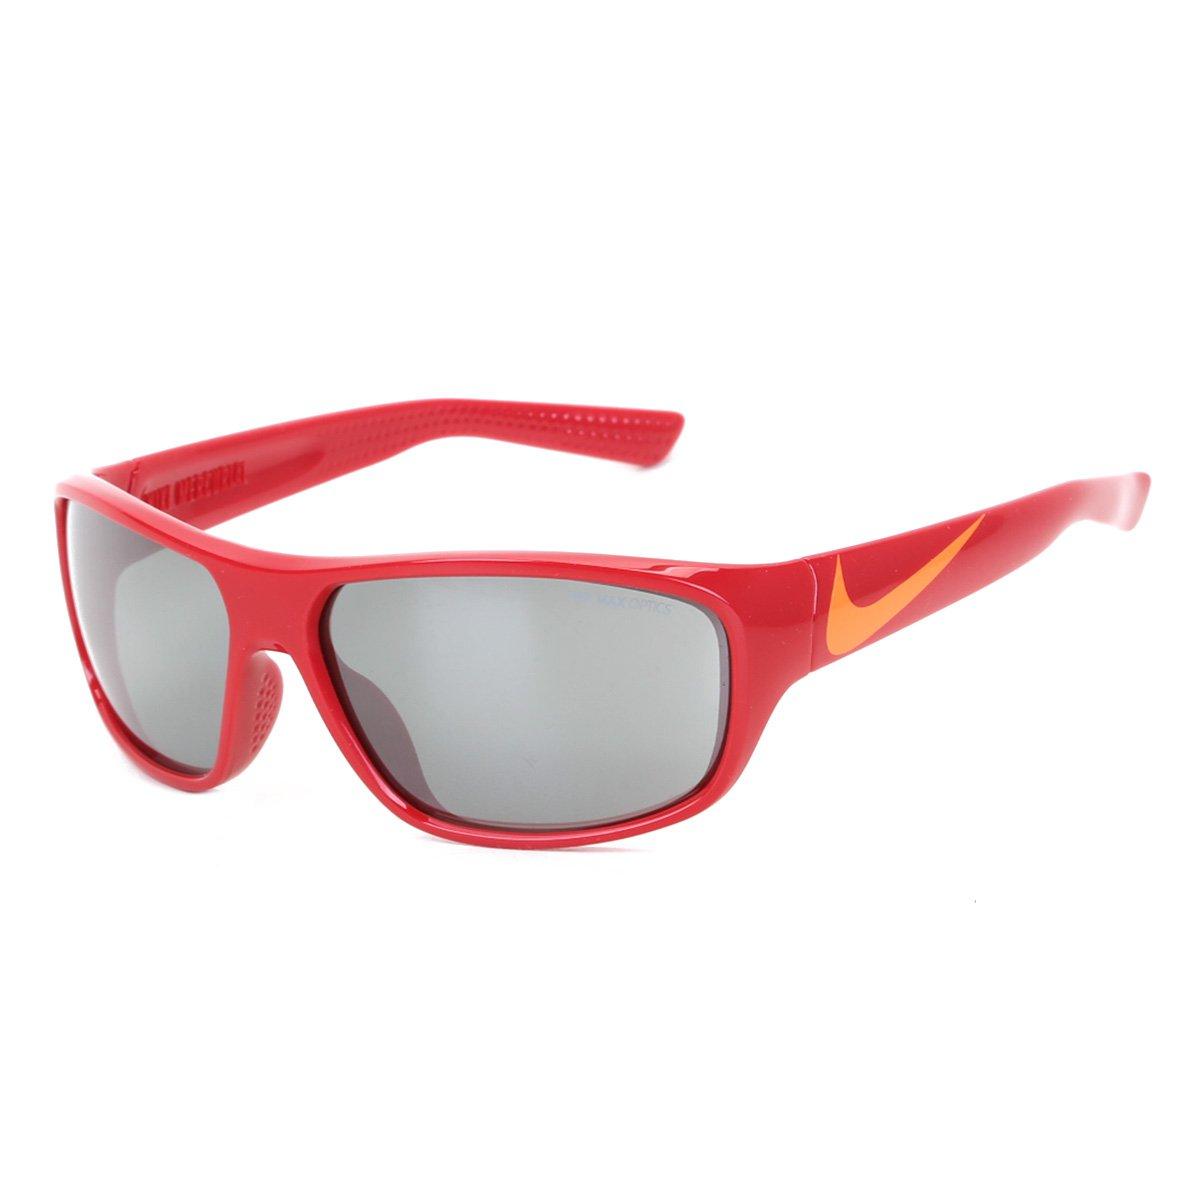 Óculos de Sol Juvenil Nike Mercurial EV0887 603